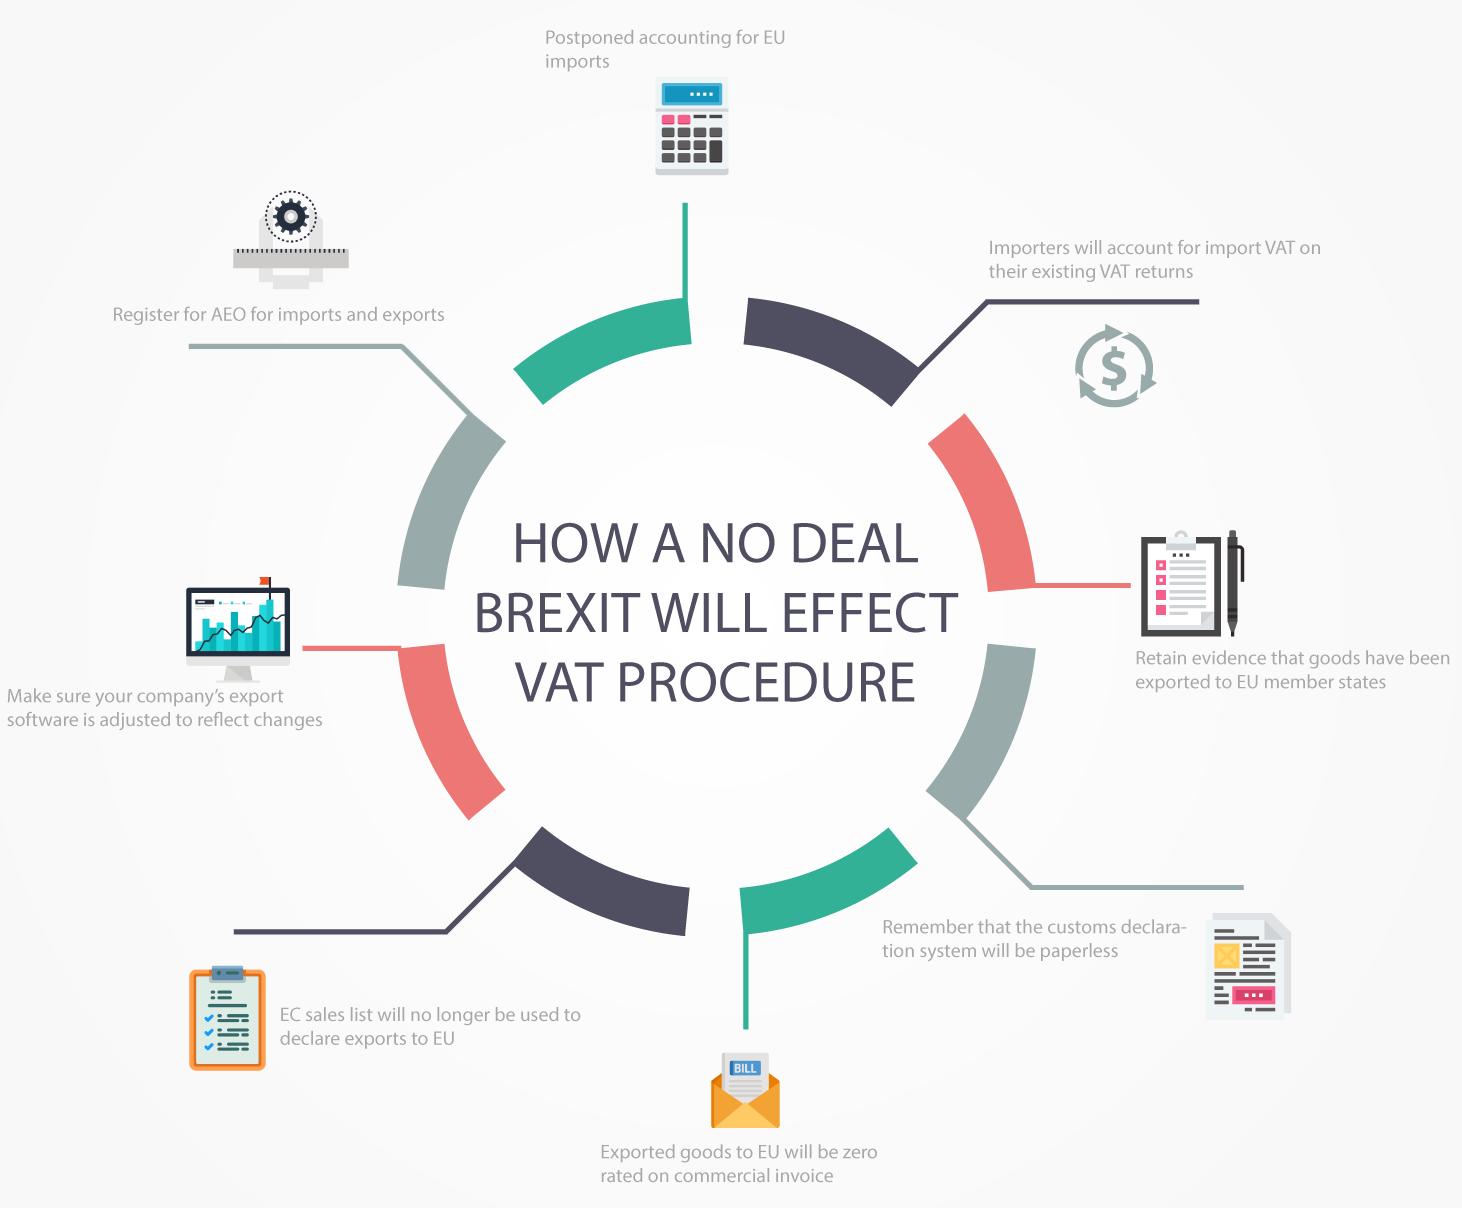 No Deal Brexit and VAT Procedure